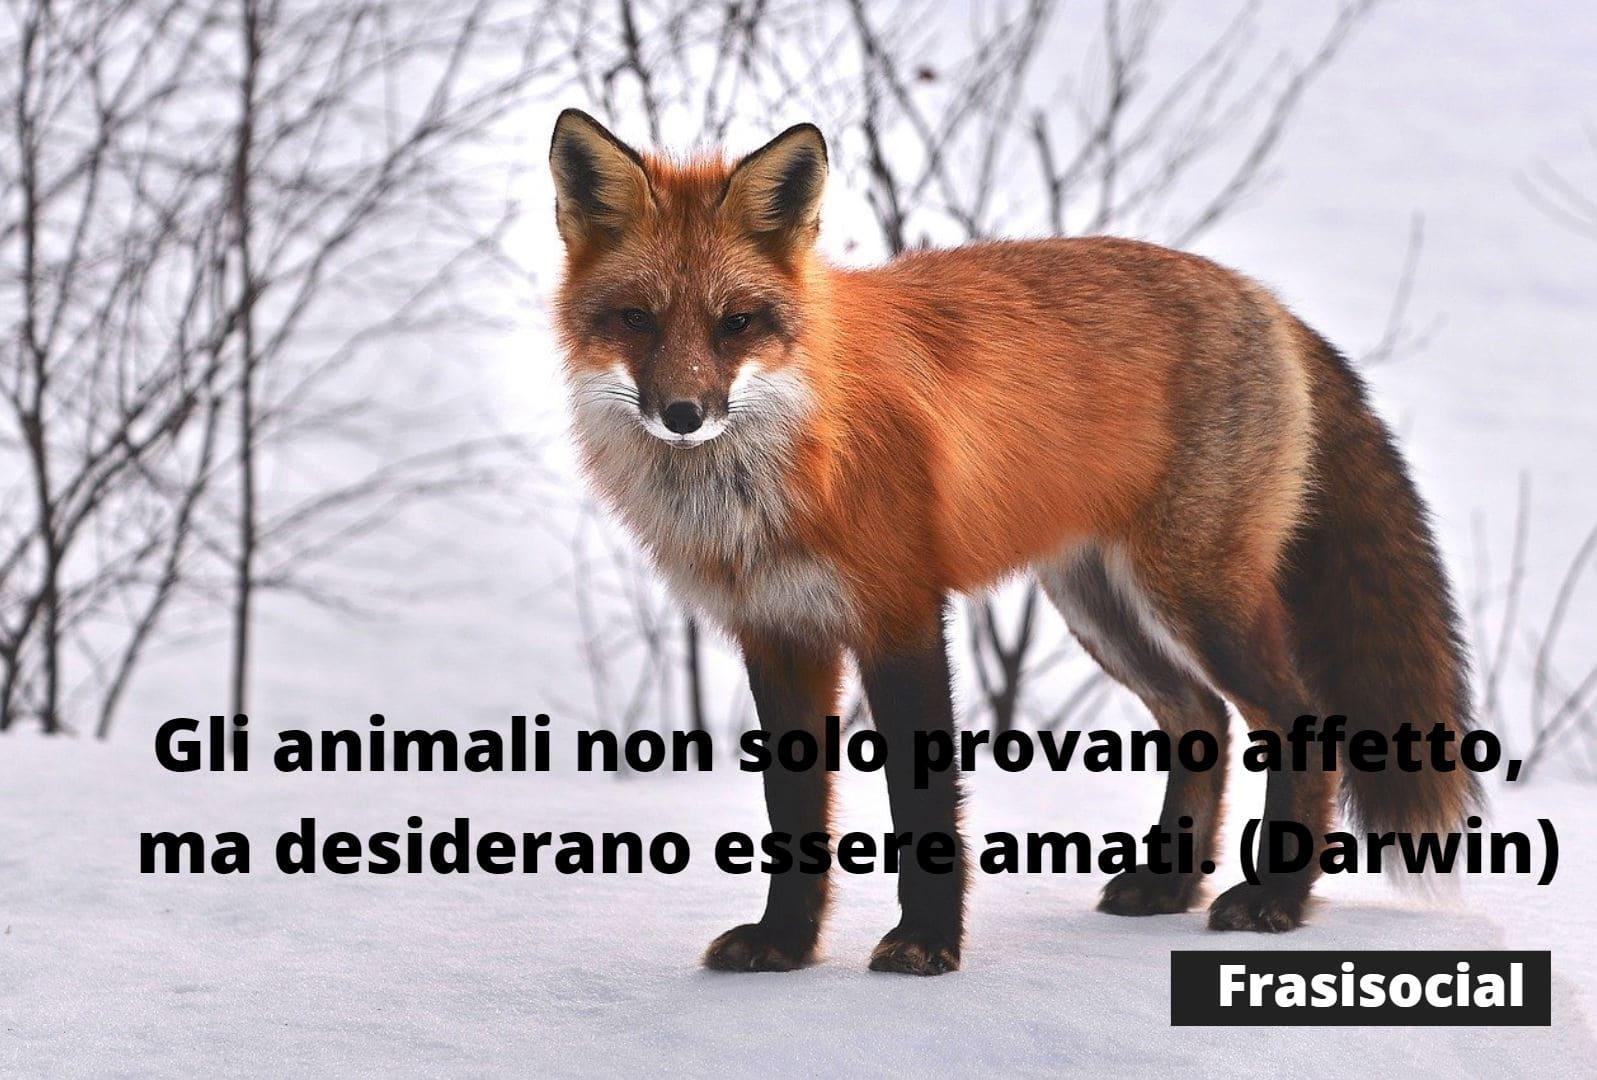 Frasi animali di Darwin